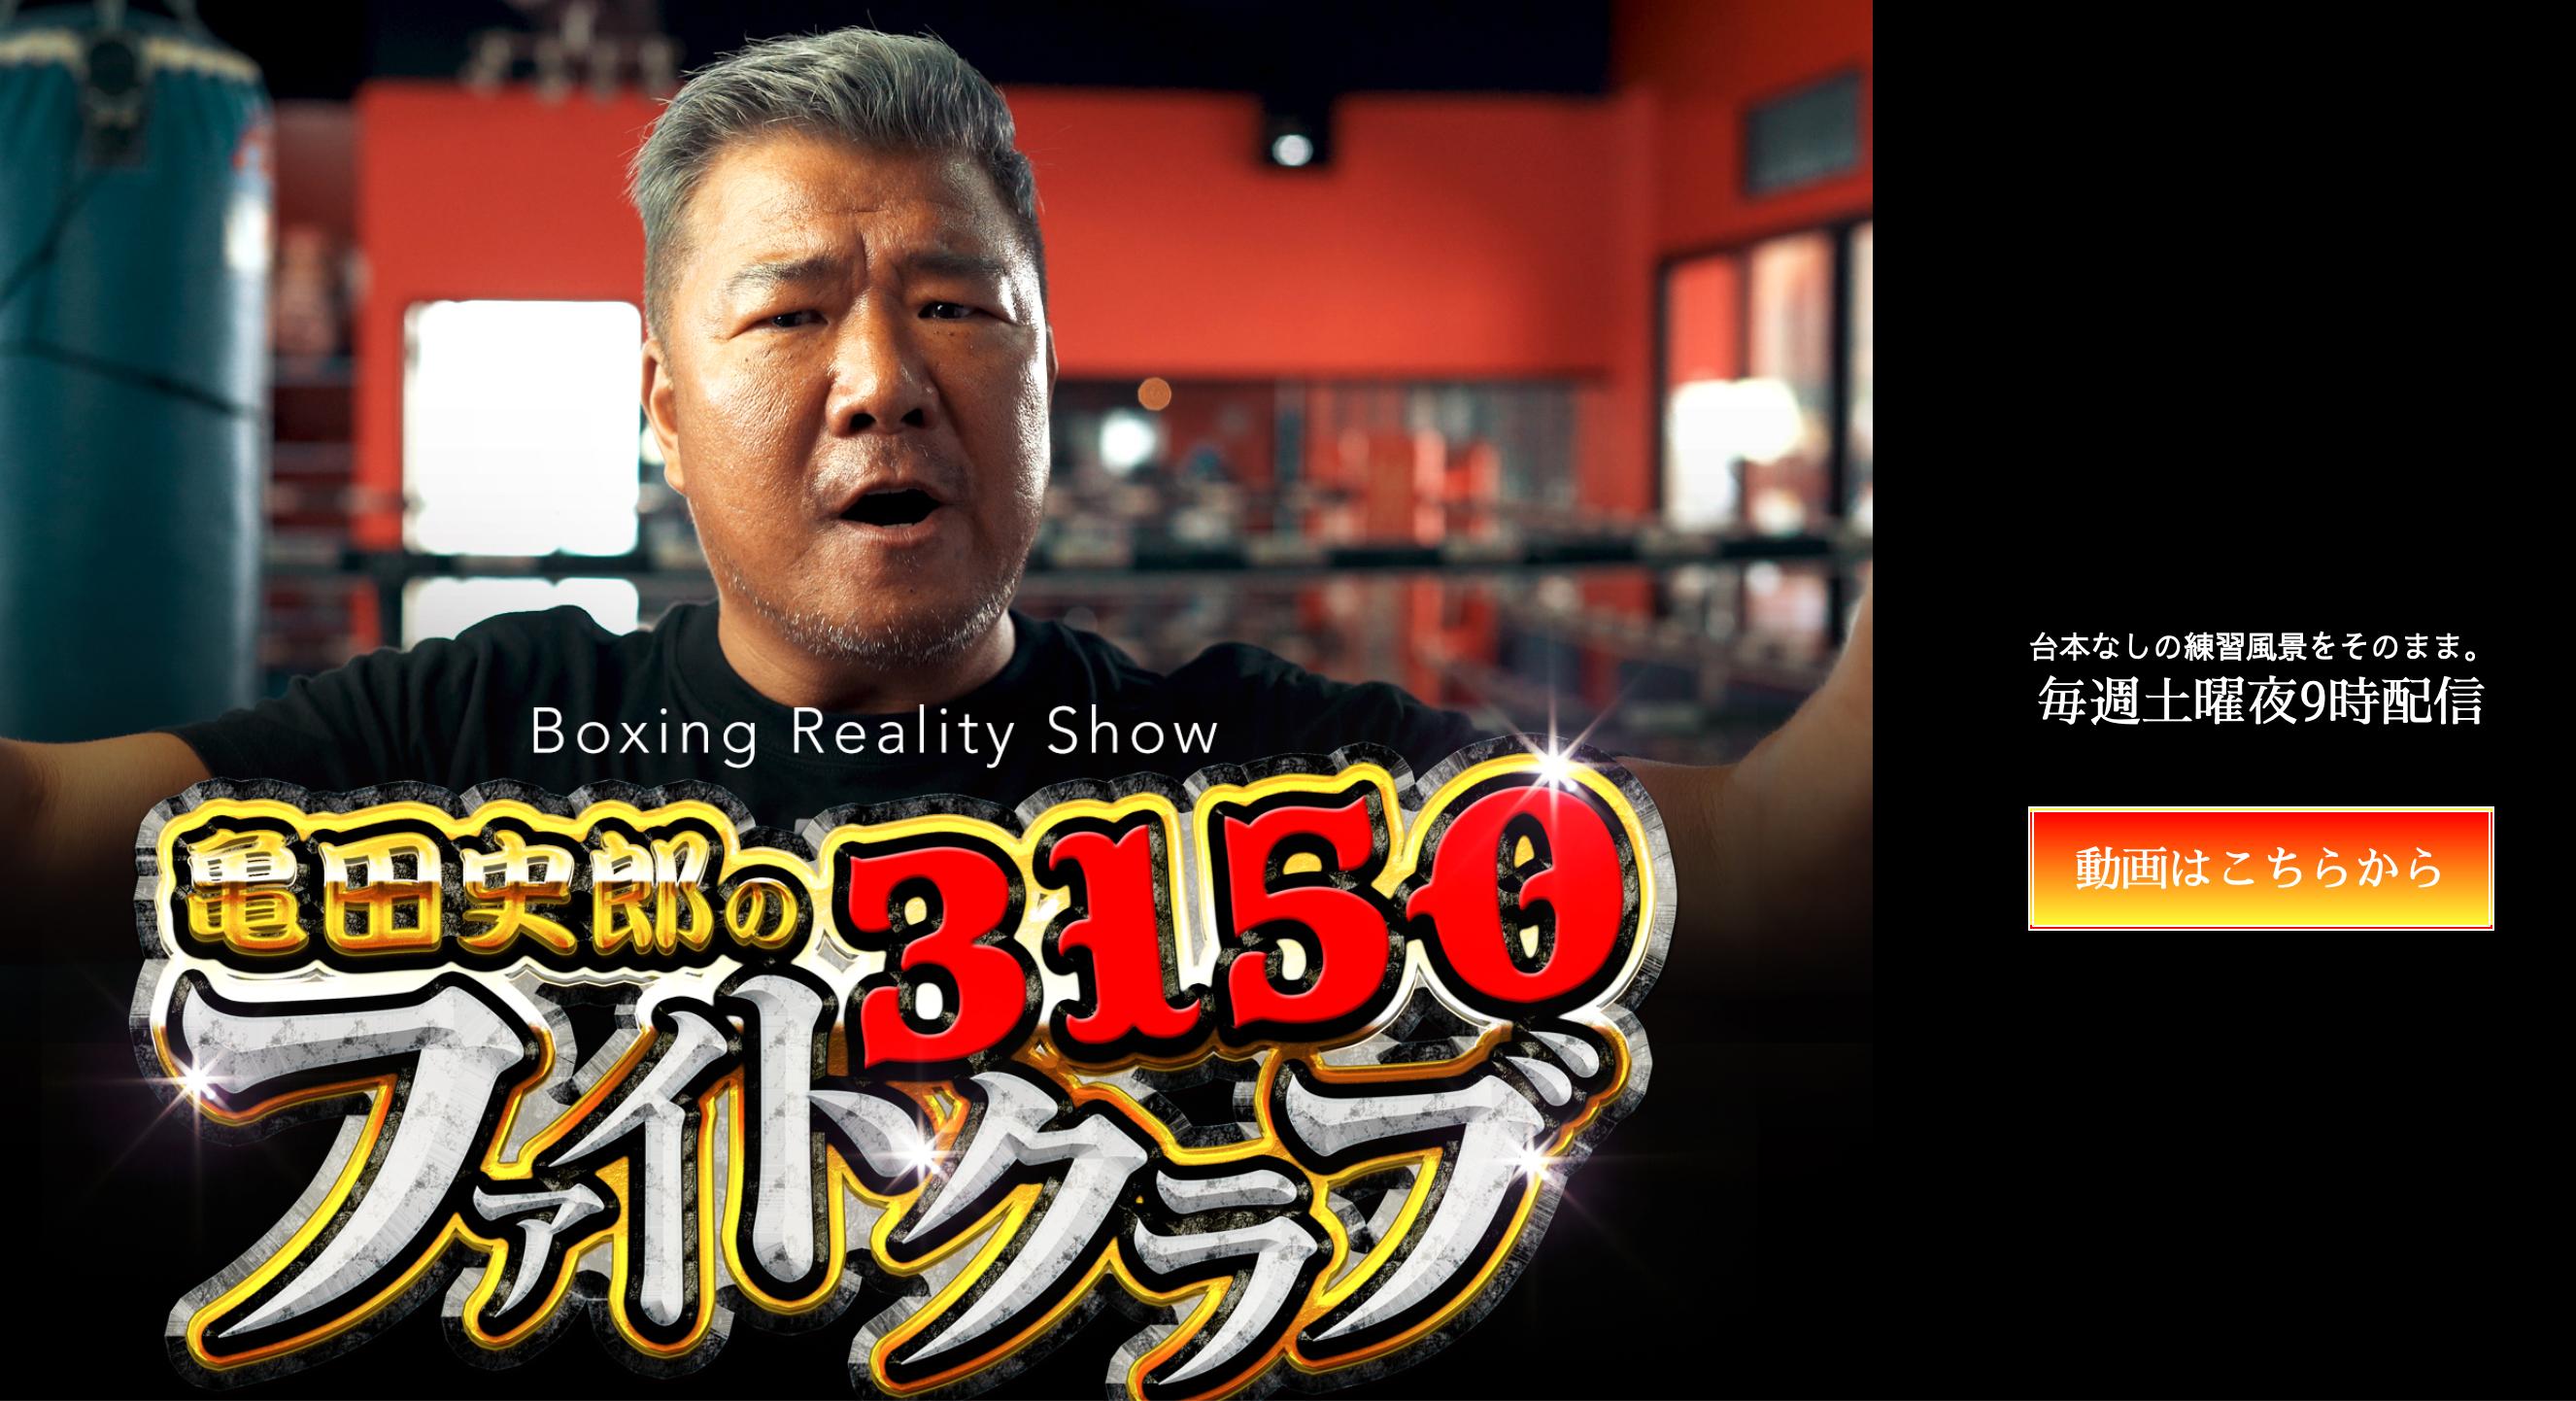 亀田史郎の3150ファイトクラブはヤラセ?